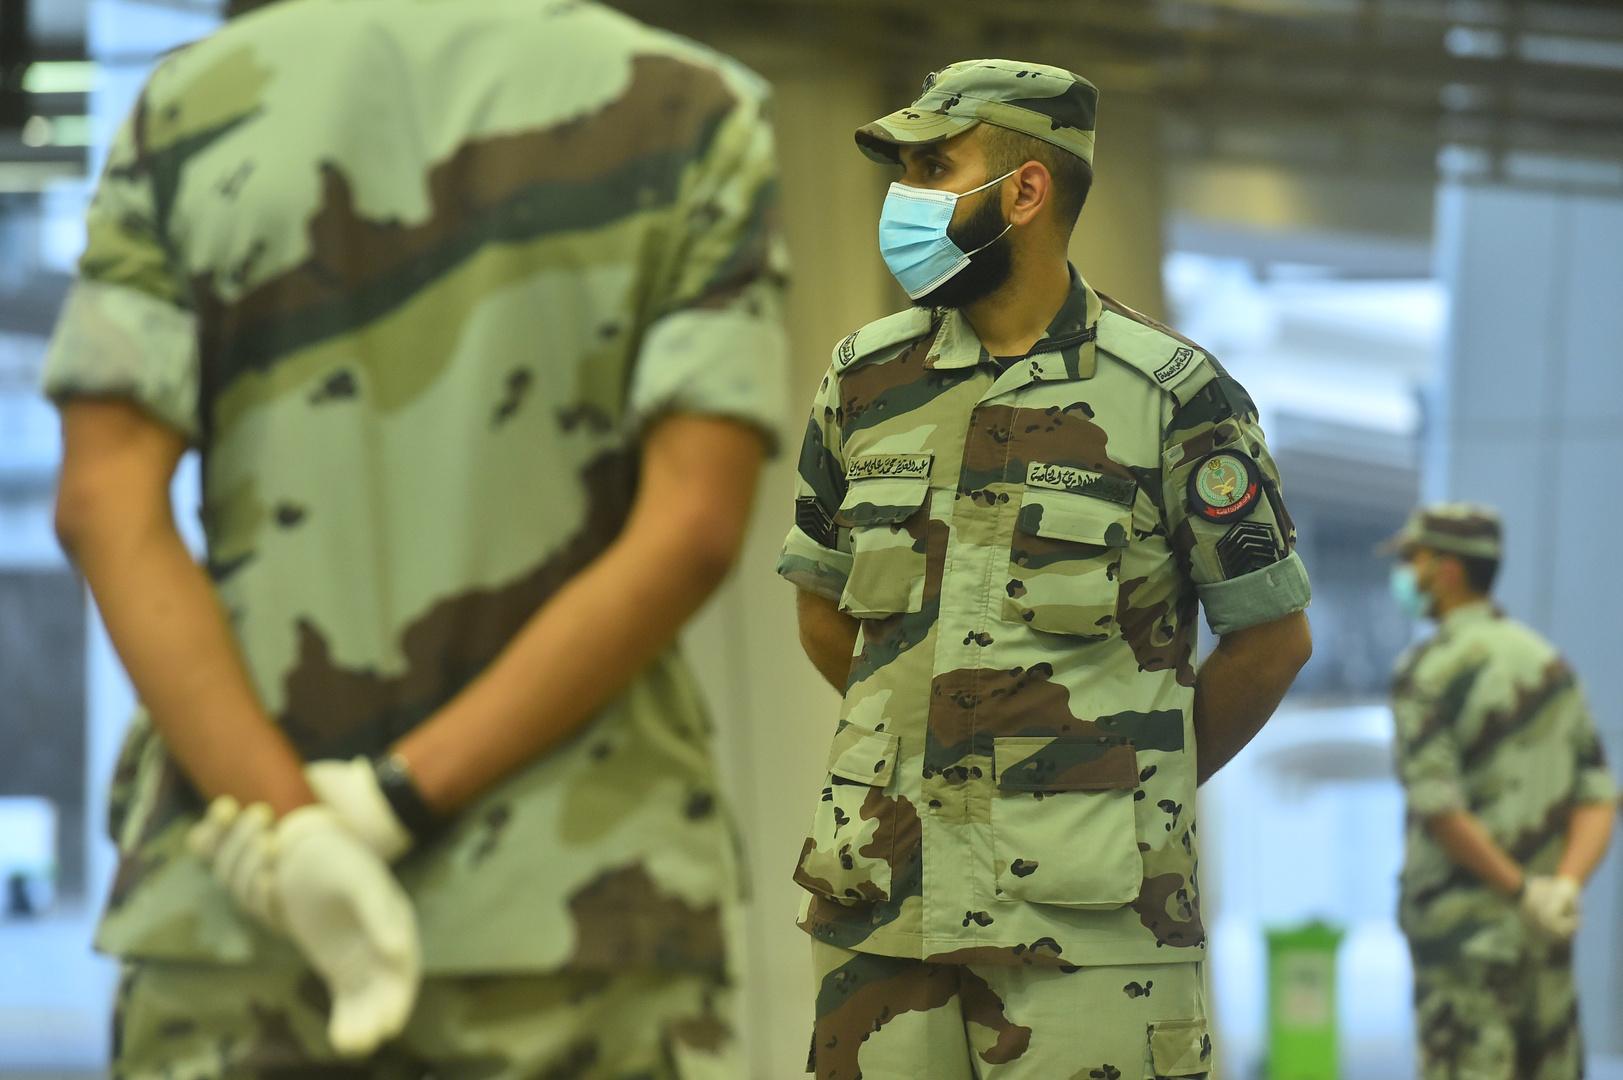 السعودية.. ضبط أكثر من 15 ألف مخالف لأنظمة الإقامة والعمل وأمن الحدود بينهم جنسيات عربية وأجنبية